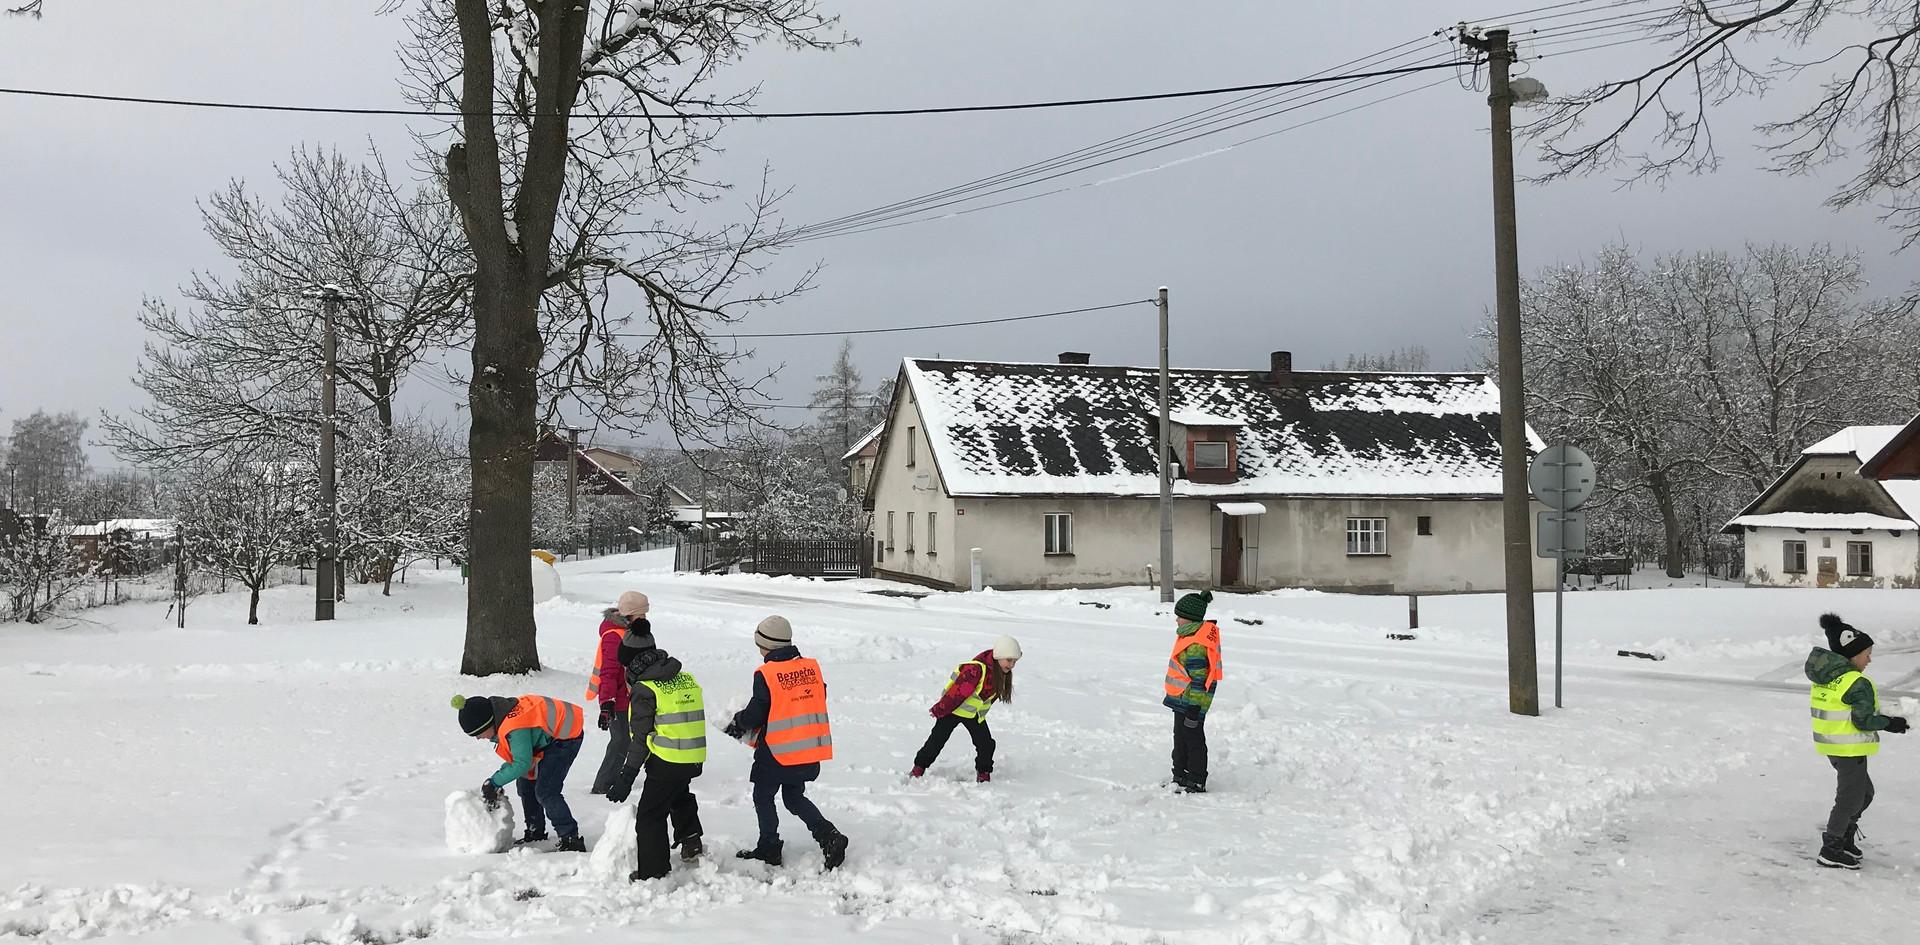 Sníh - Ideální výtvarný materiál